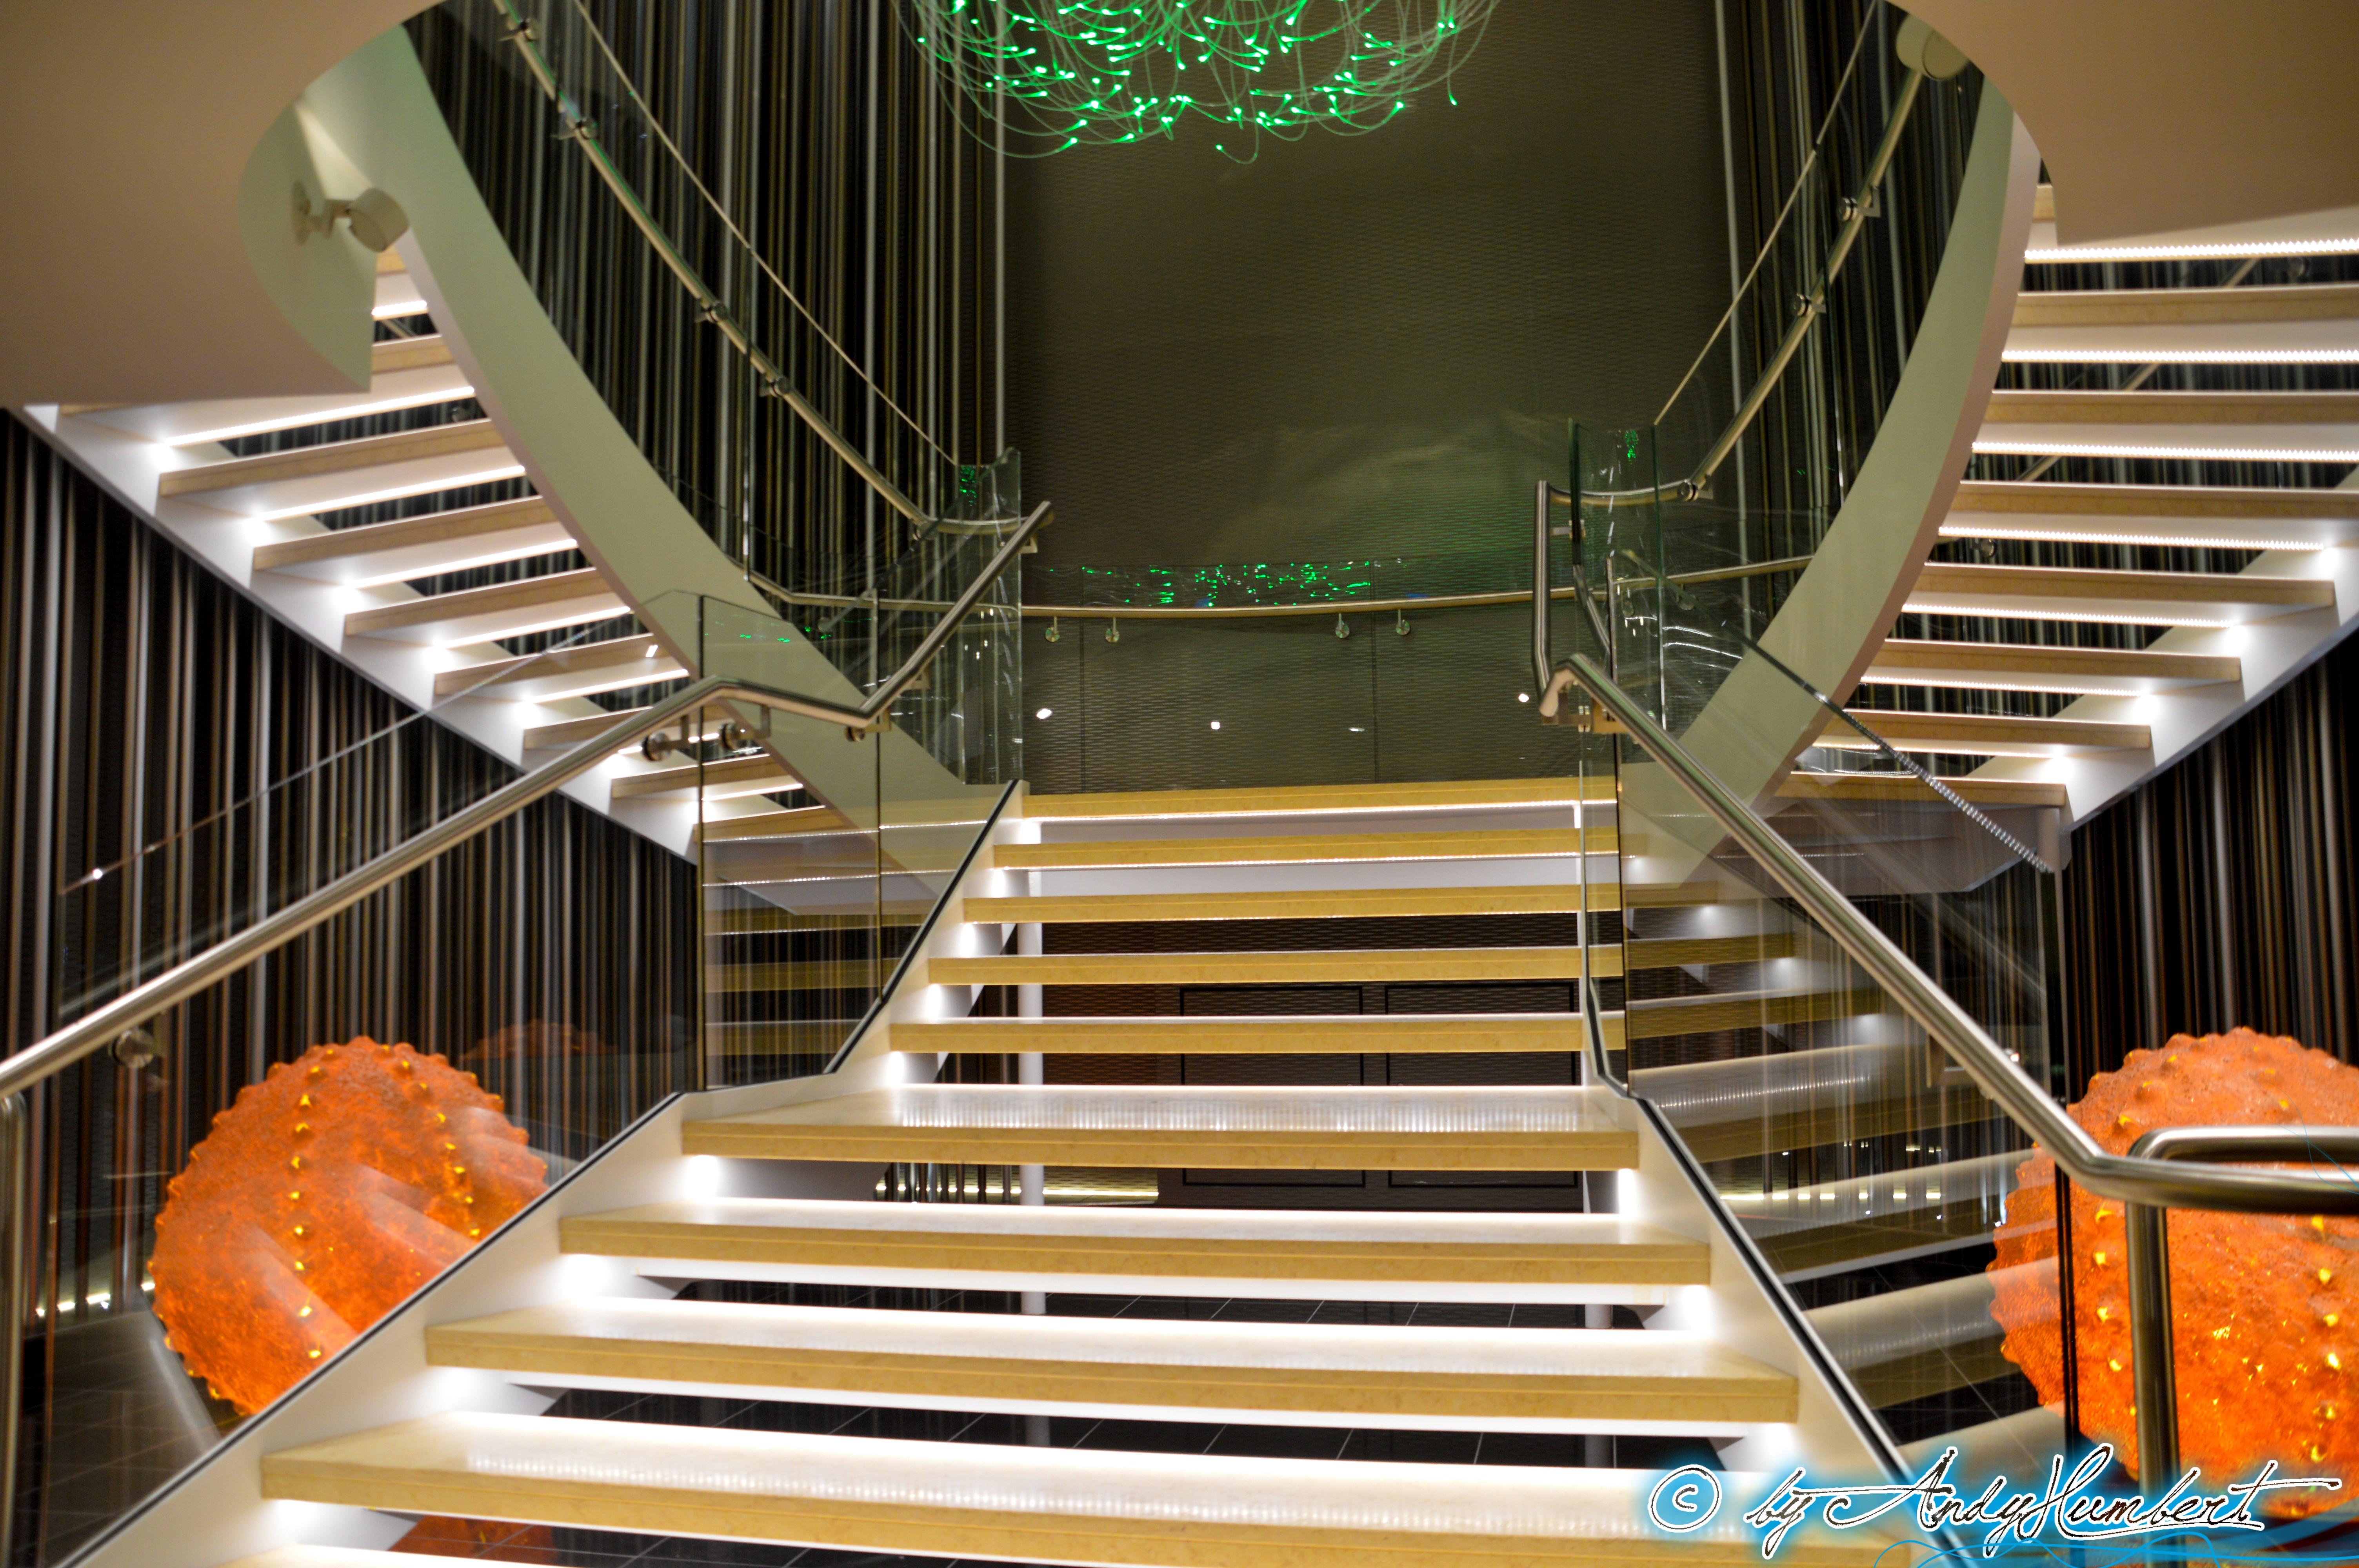 Escaliers des restaurants